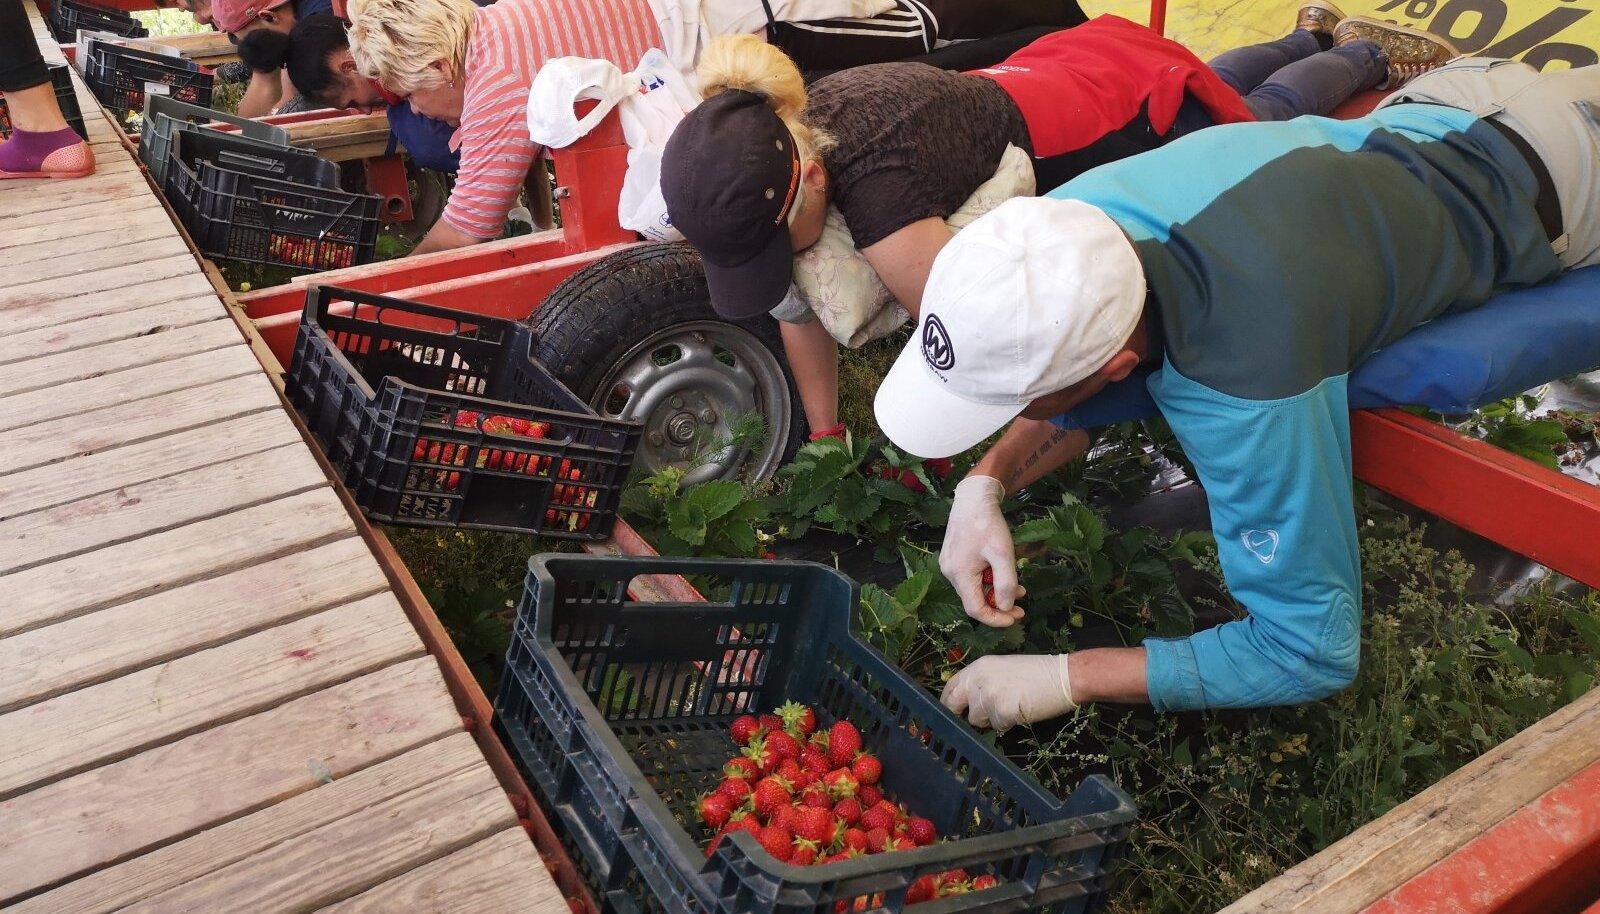 Iseäranis suurde hätta sattusid sel suvel maasikakasvatajad, kes pidid üle poole saagist põllule jätma, sest korjajaid lihtsalt ei olnud.